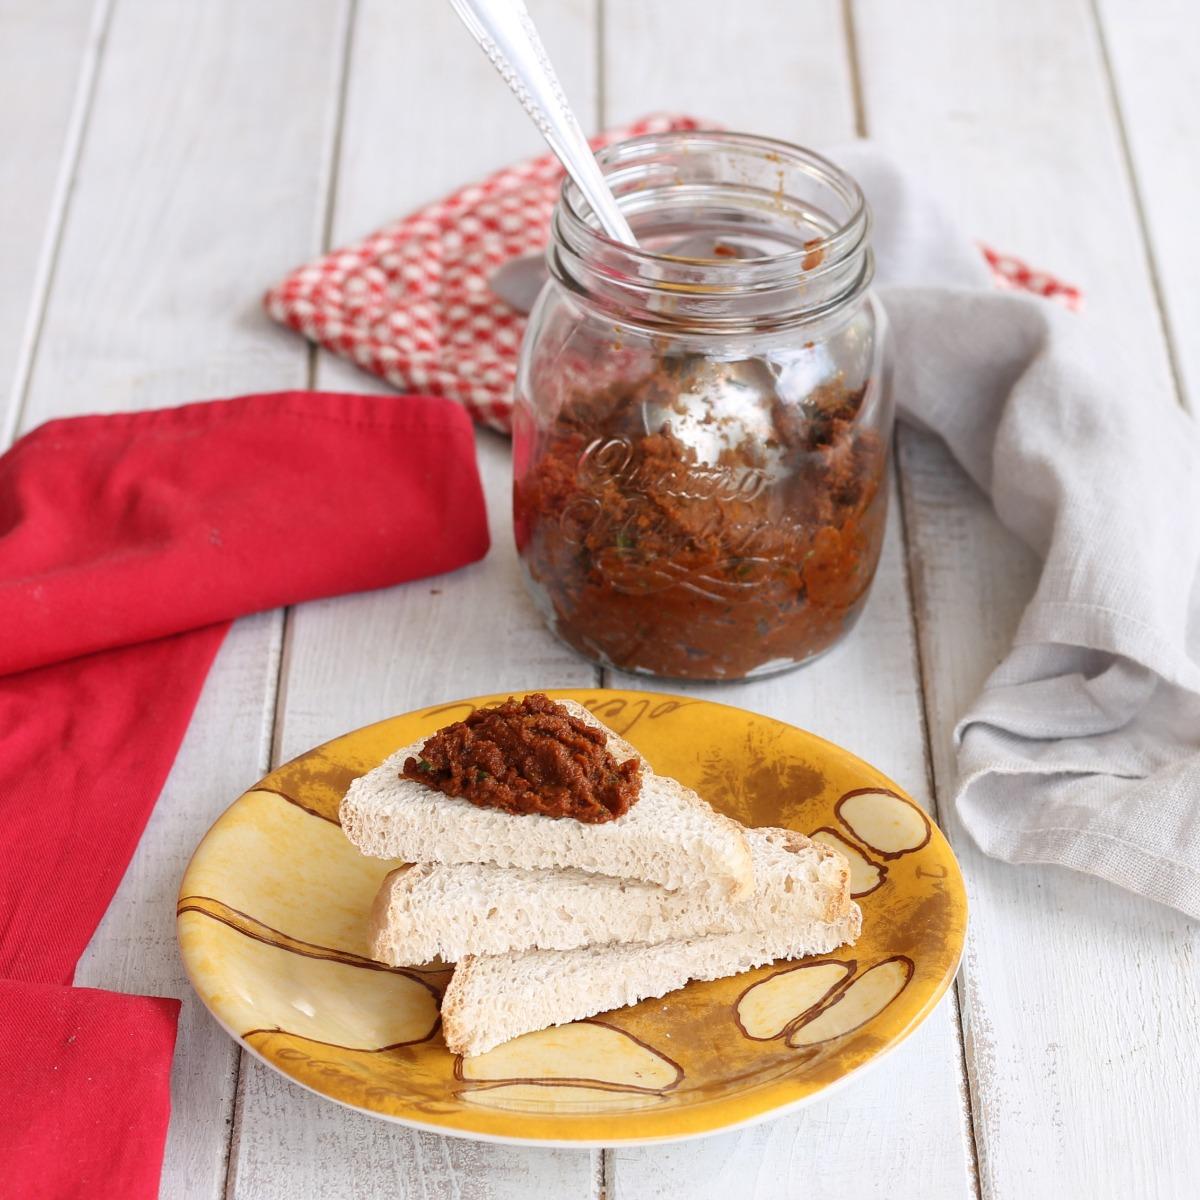 PESTO DI POMODORI SECCHI ricetta crema ai pomodori secchi senza cottura